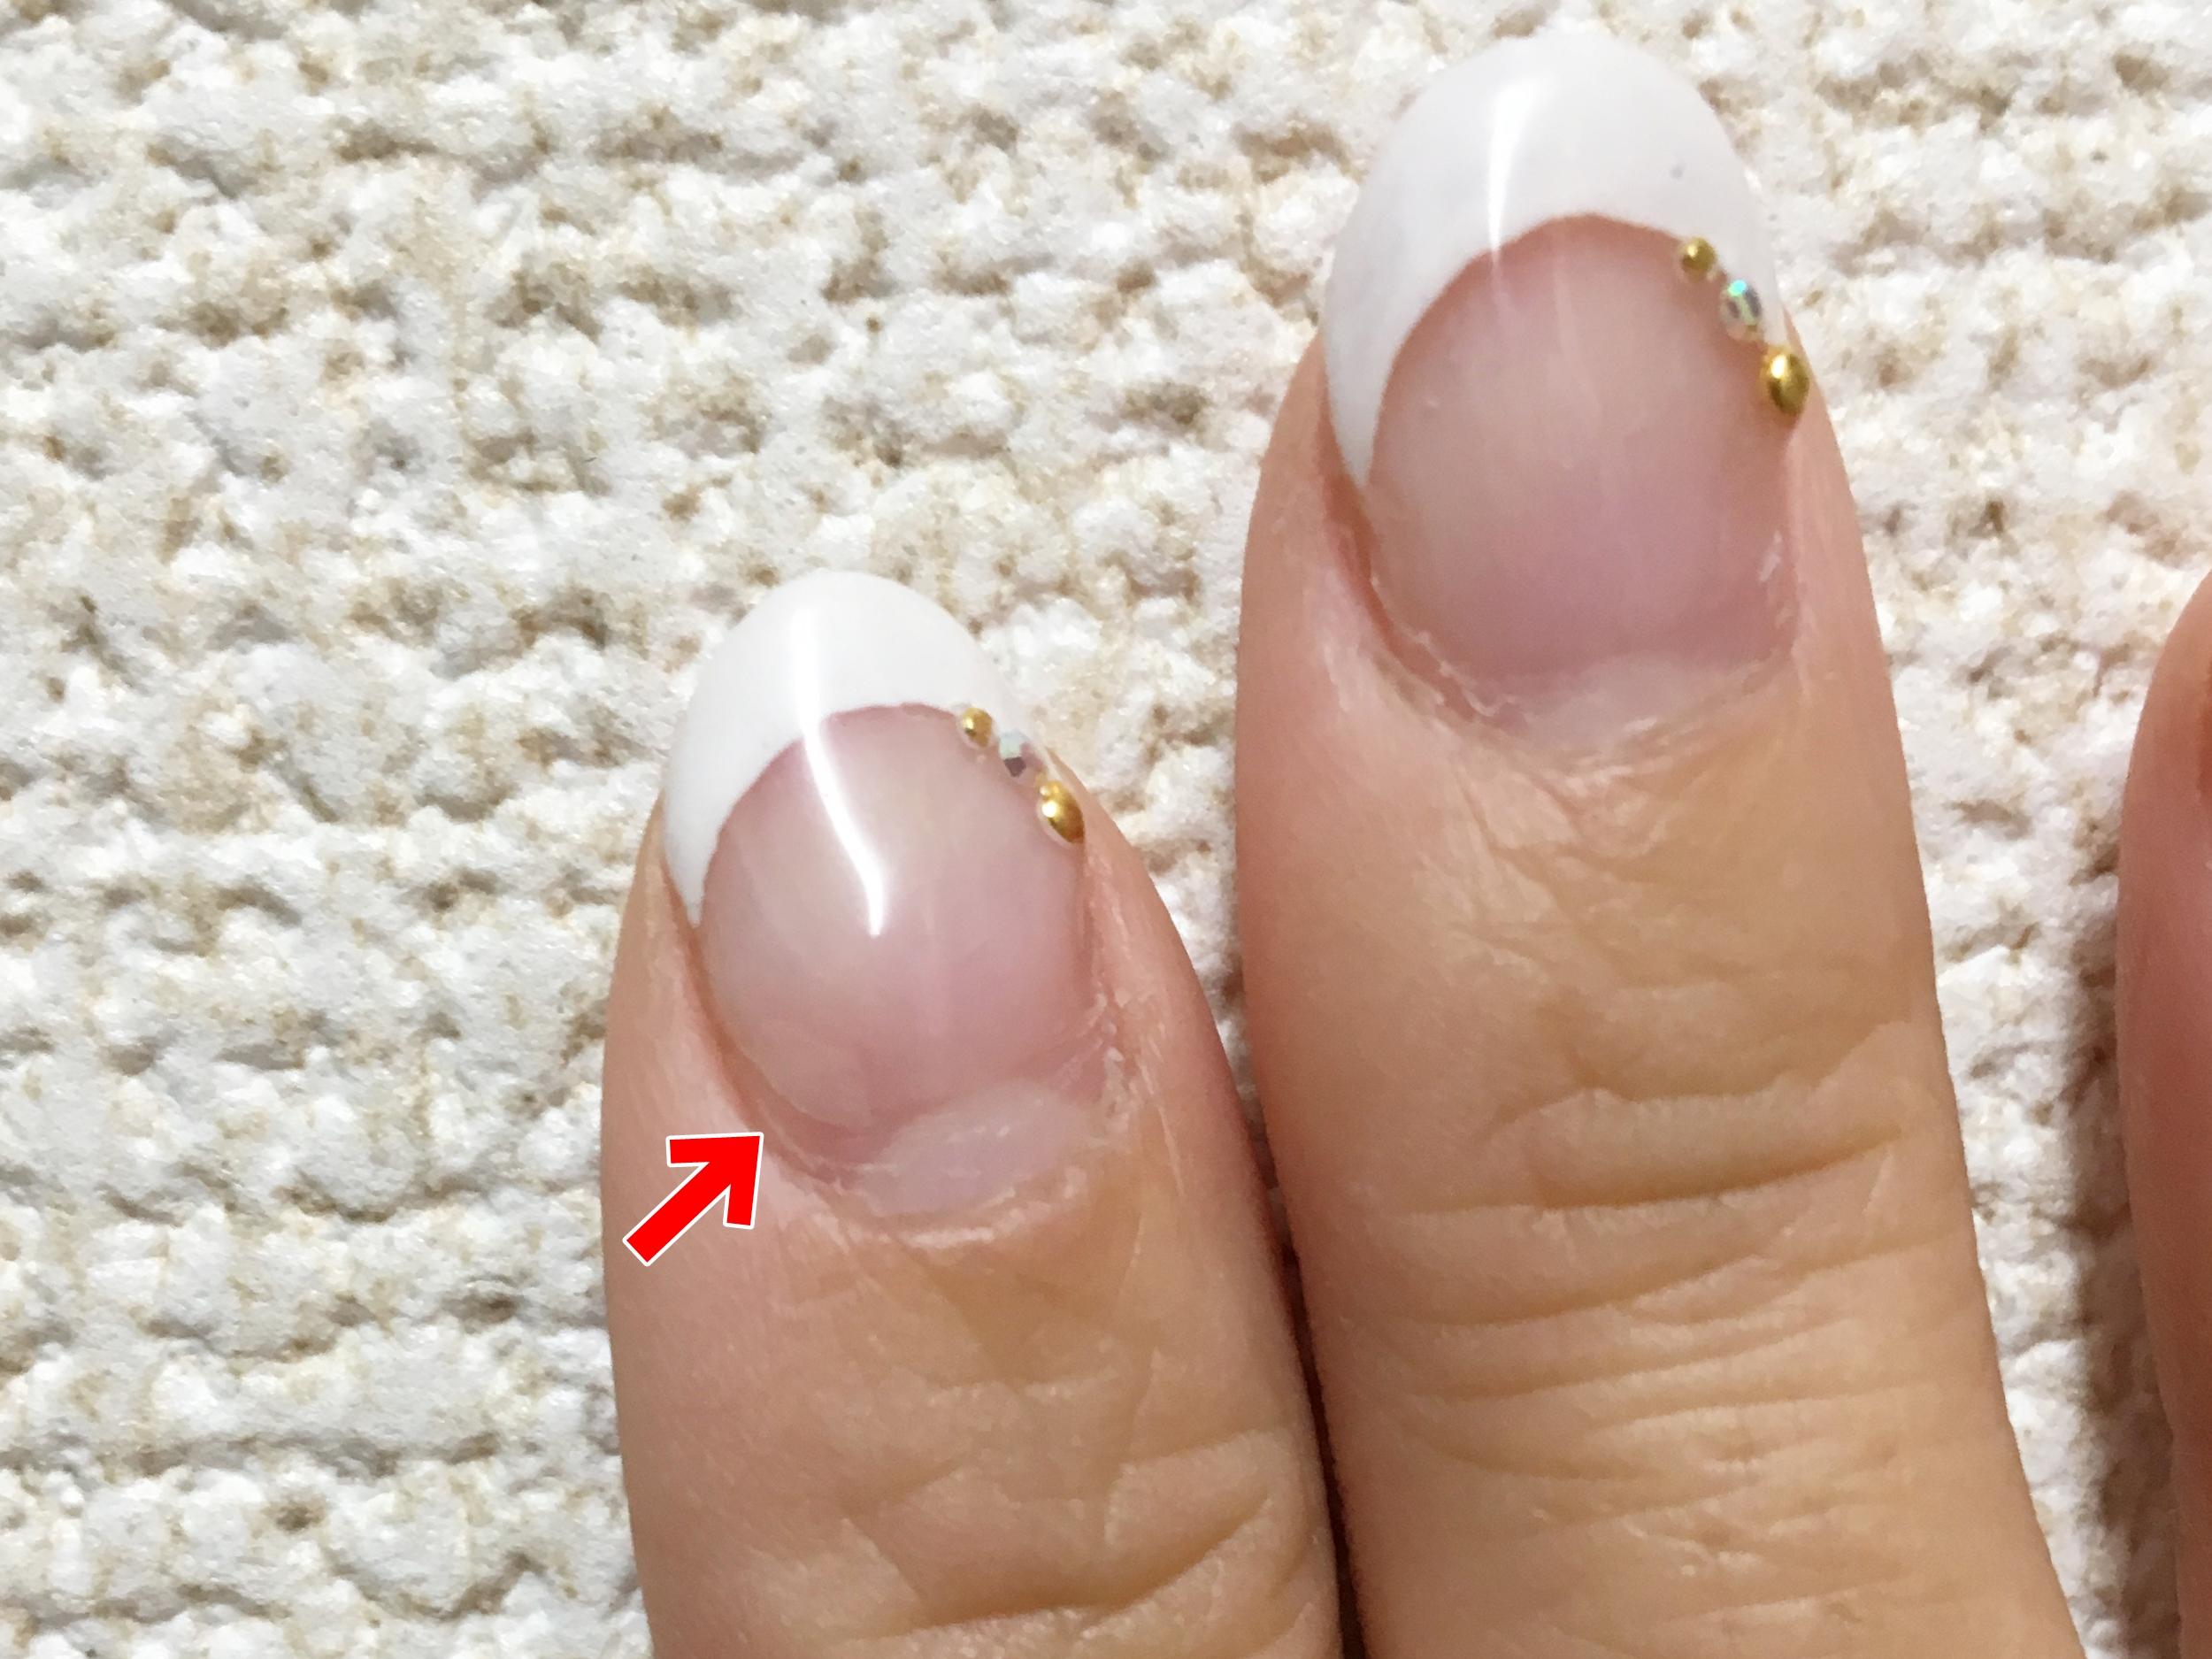 ジェルネイルで爪がボロボロになる原因と対処法